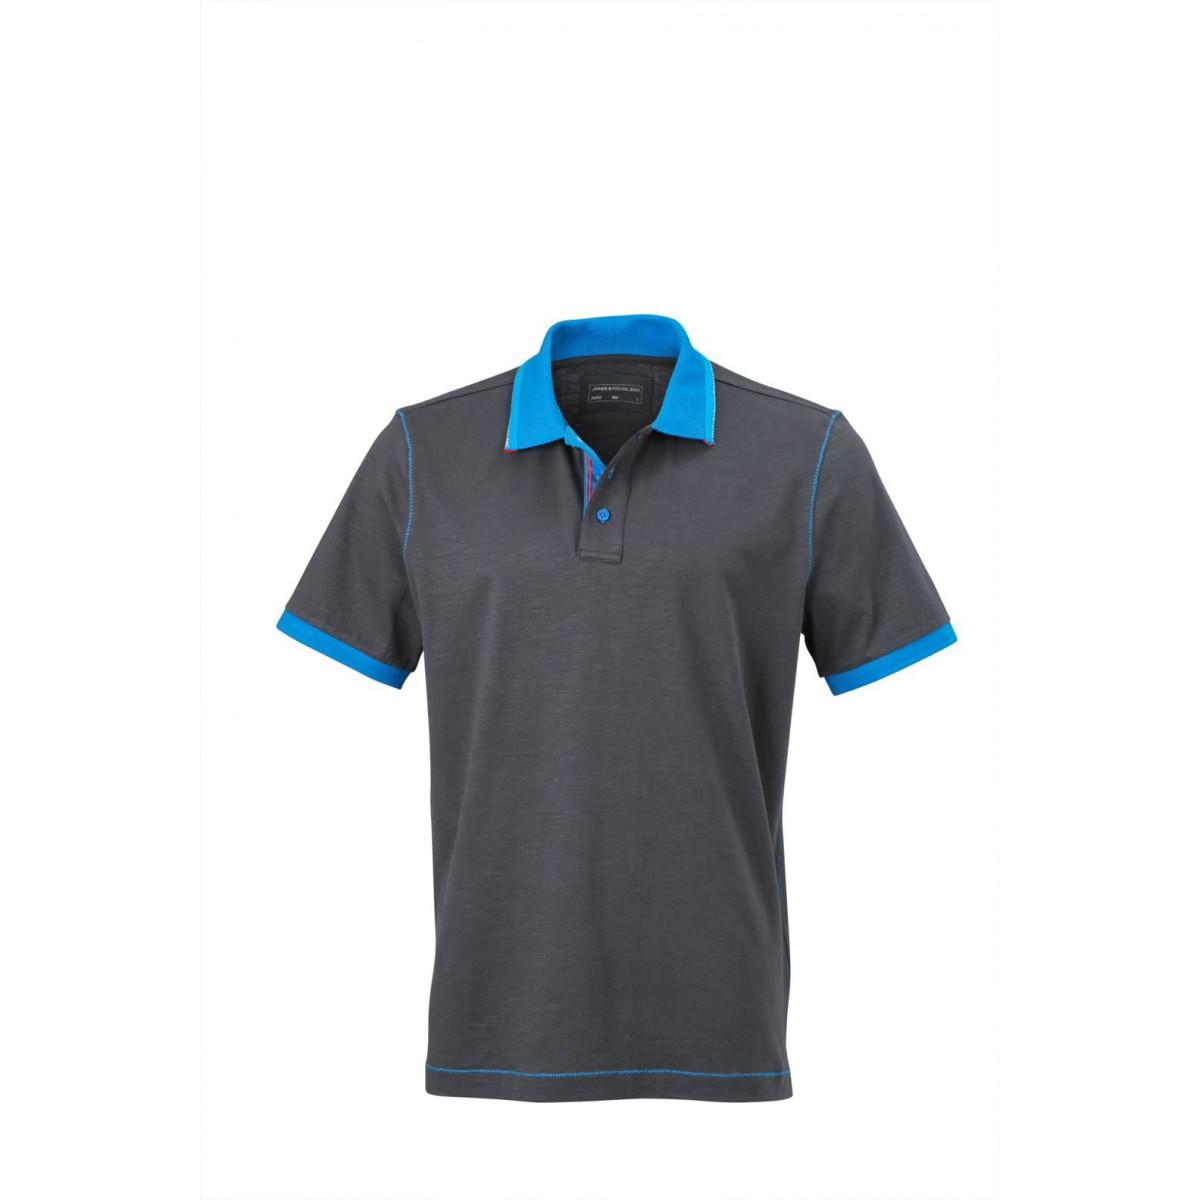 Рубашка поло мужская JN980 Mens Urban Polo - Темно-серый/Ярко-синий